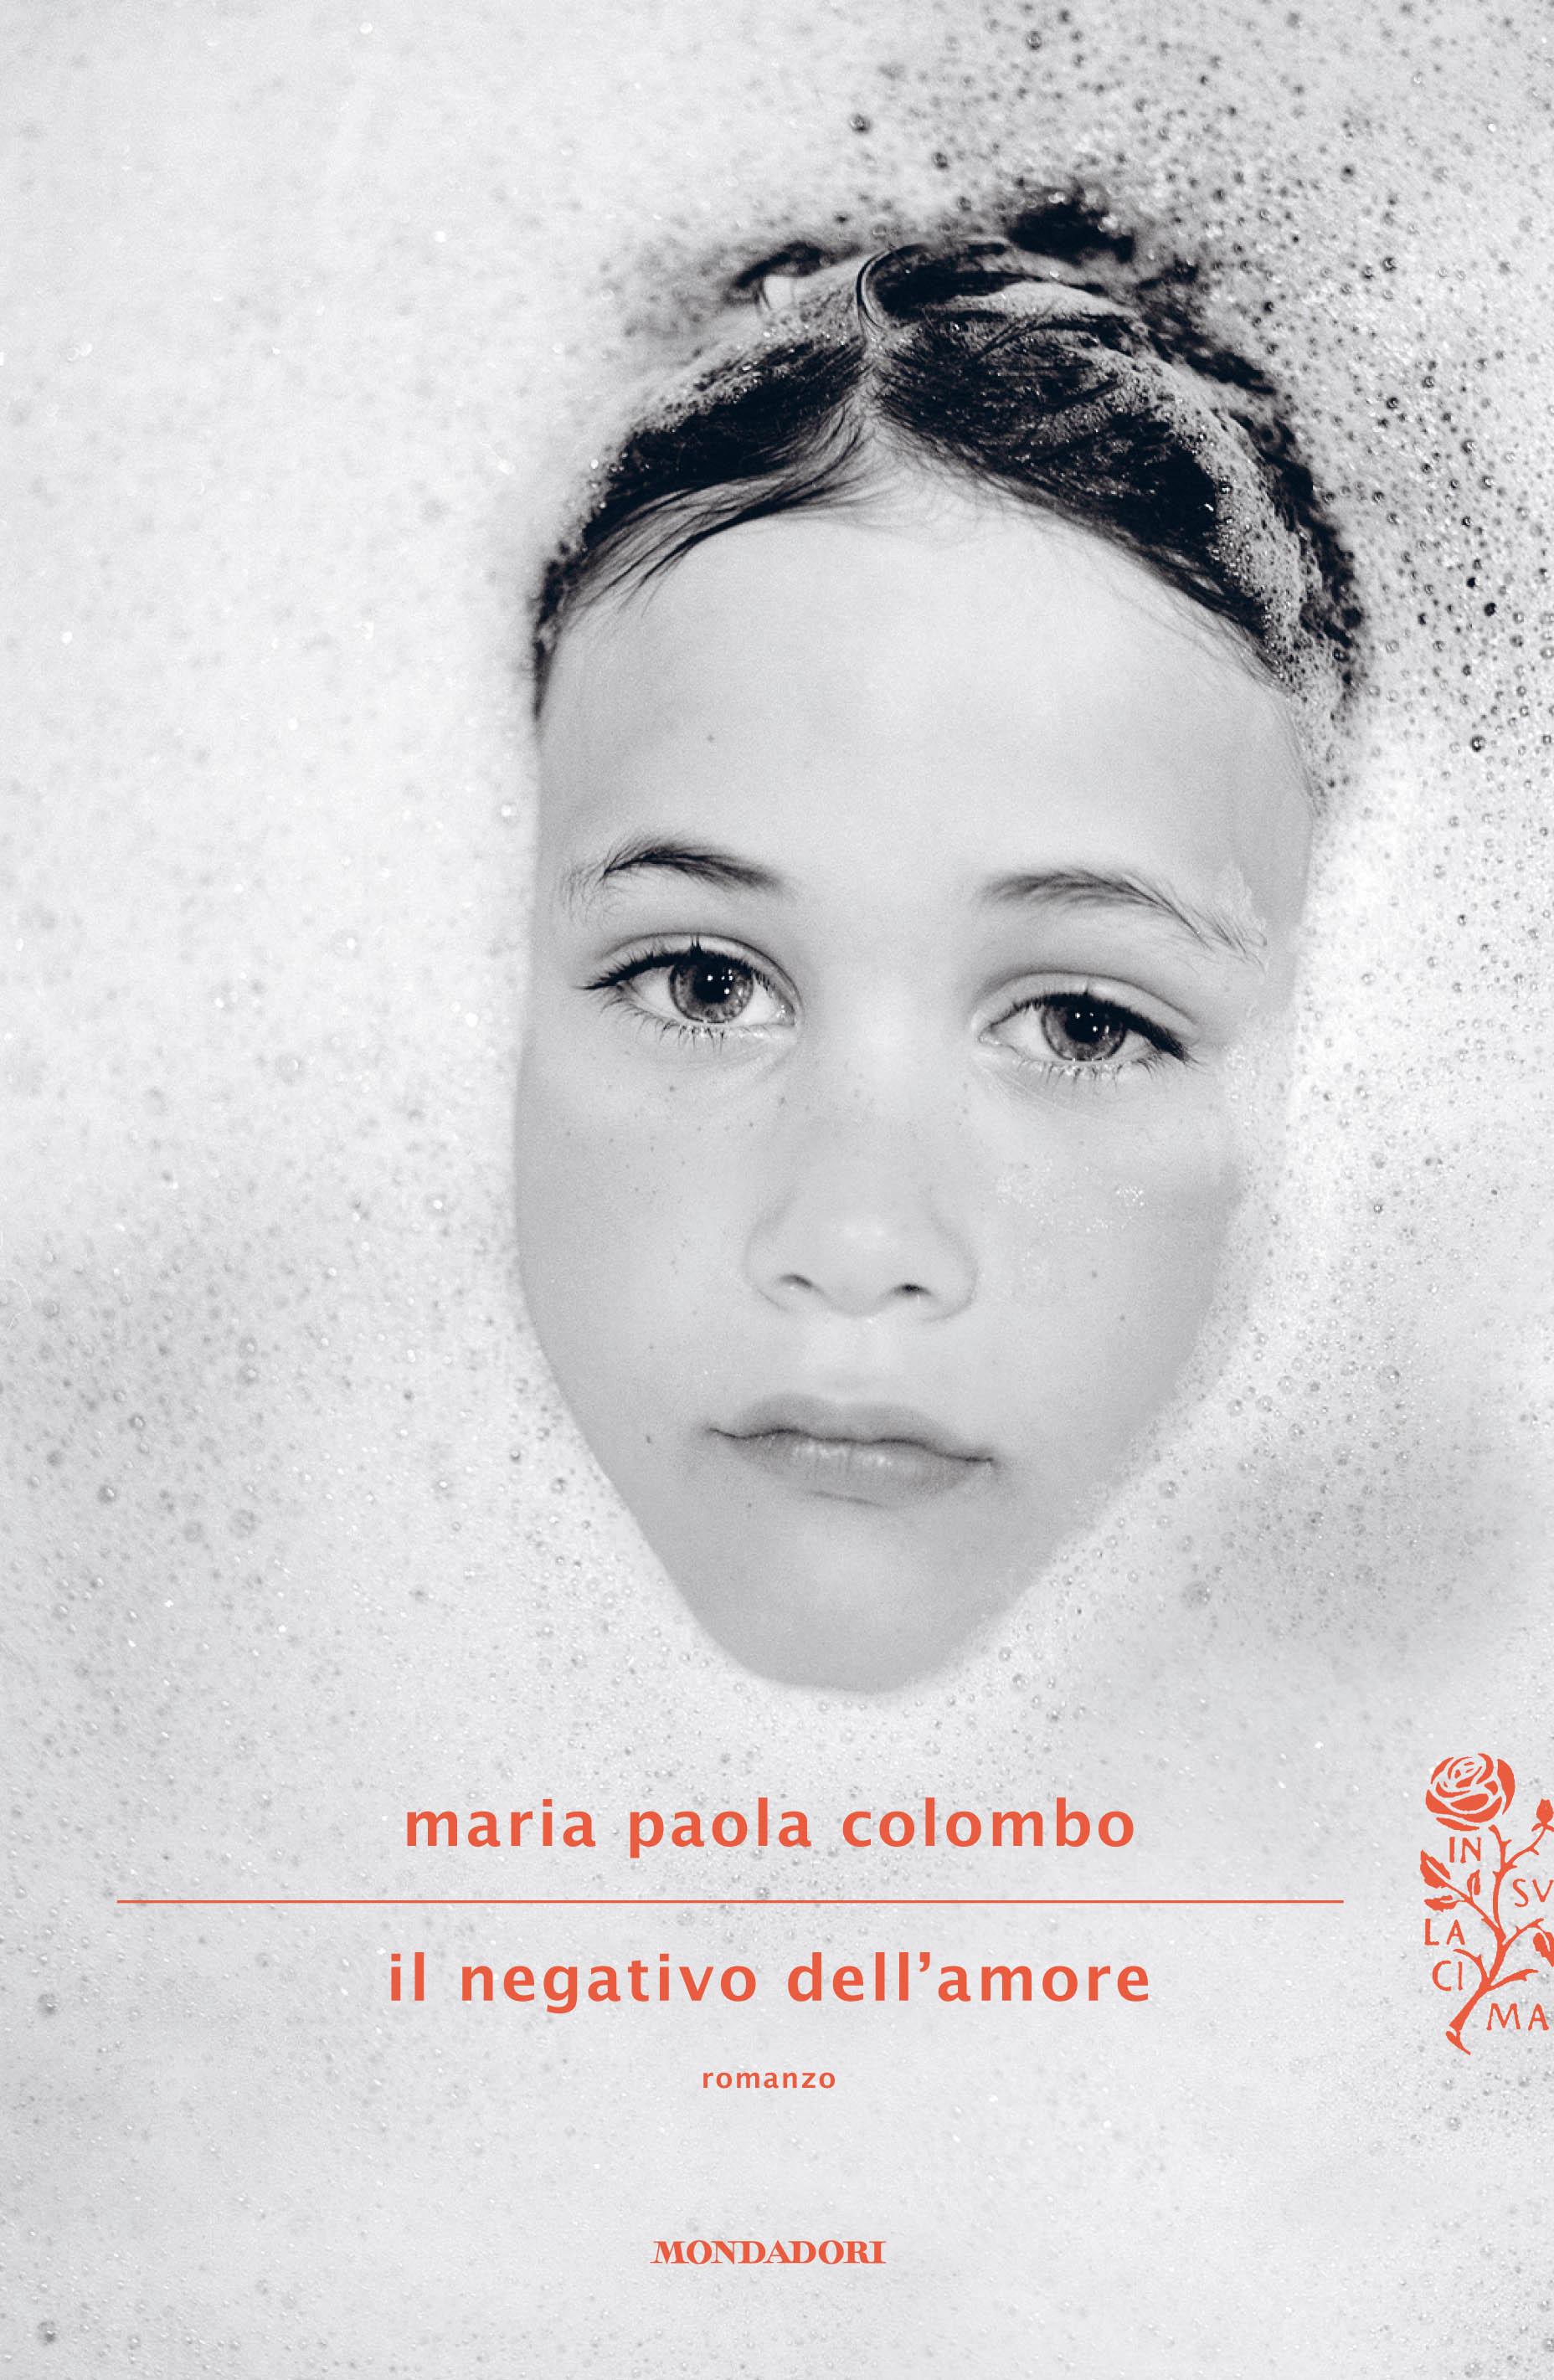 COP_Maria Paola Colombo_Il negativo dellamore_COLORE.indd